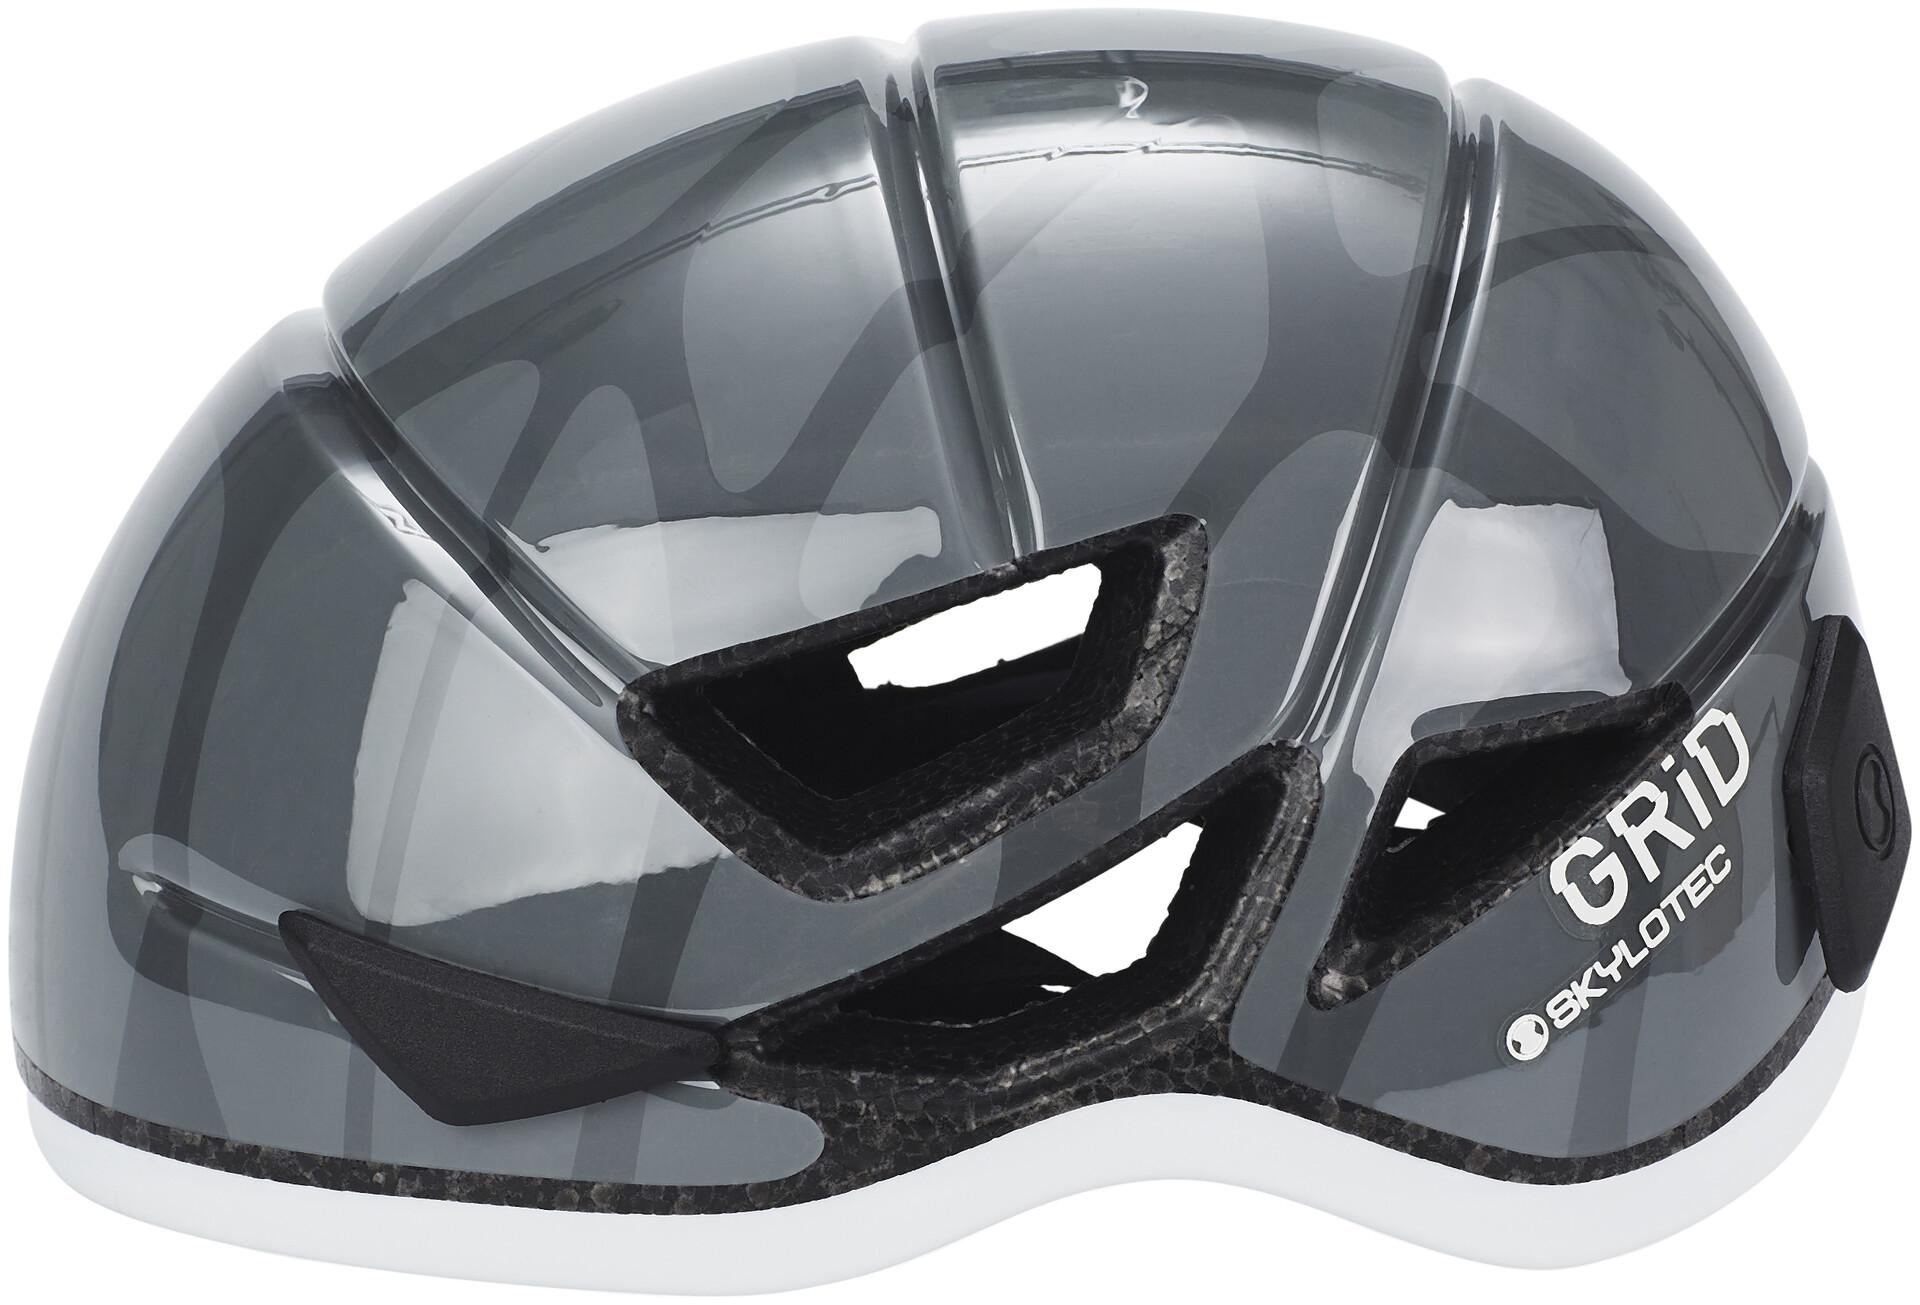 Skylotec Klettergurt Mammut : Skylotec grid vent helmet grey campz